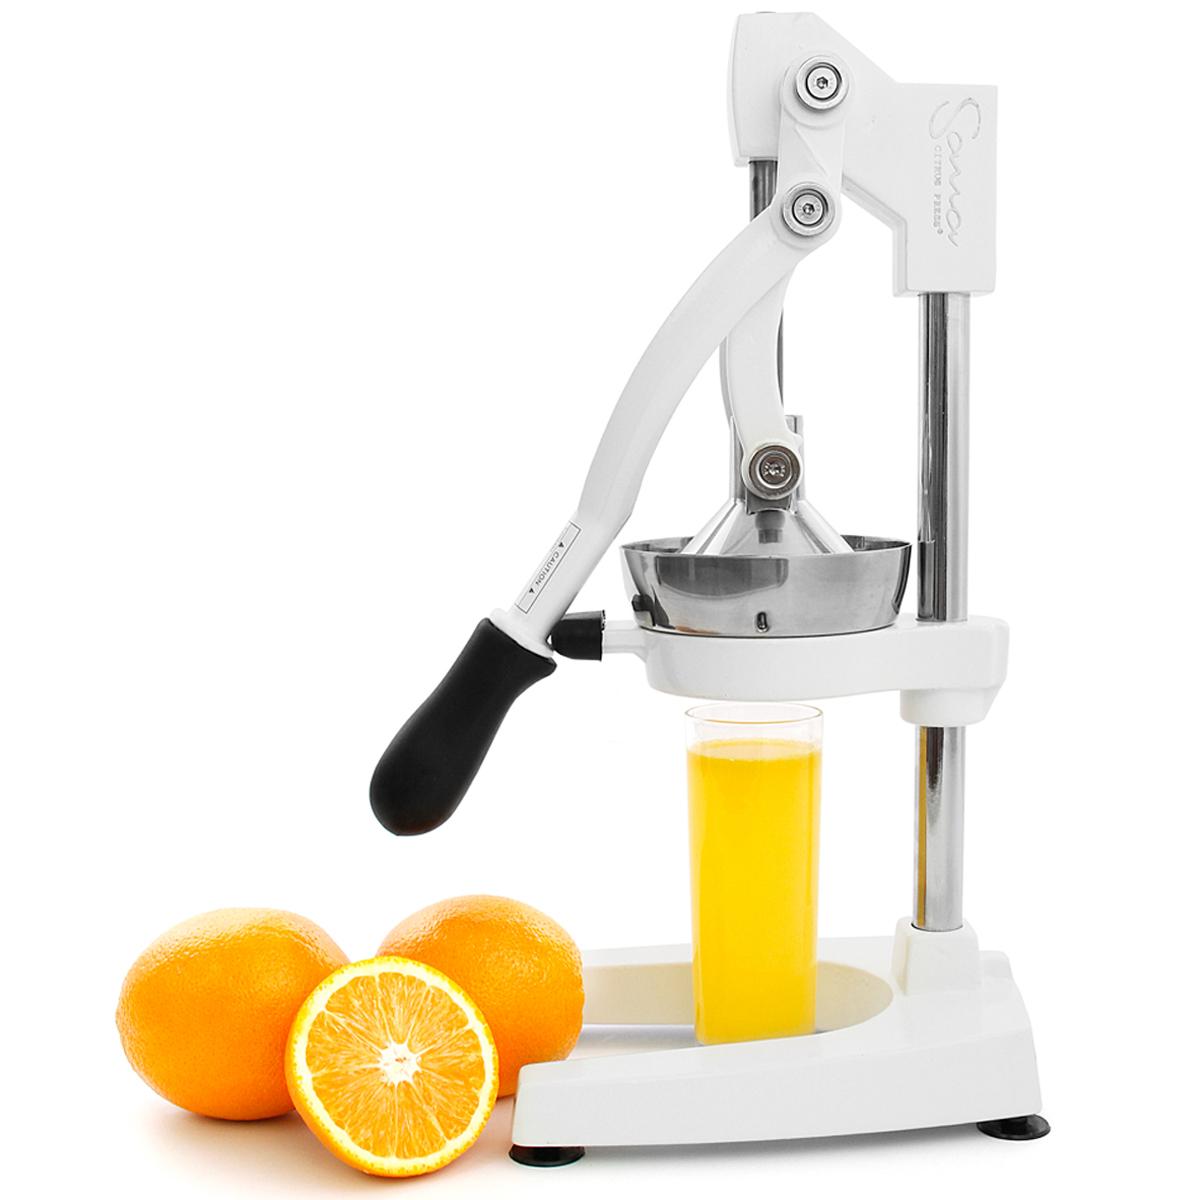 Ручные соковыжималки Соковыжималка прессовая Sana Citrus Press (белая) Sana_Citrus_Press_White.jpg